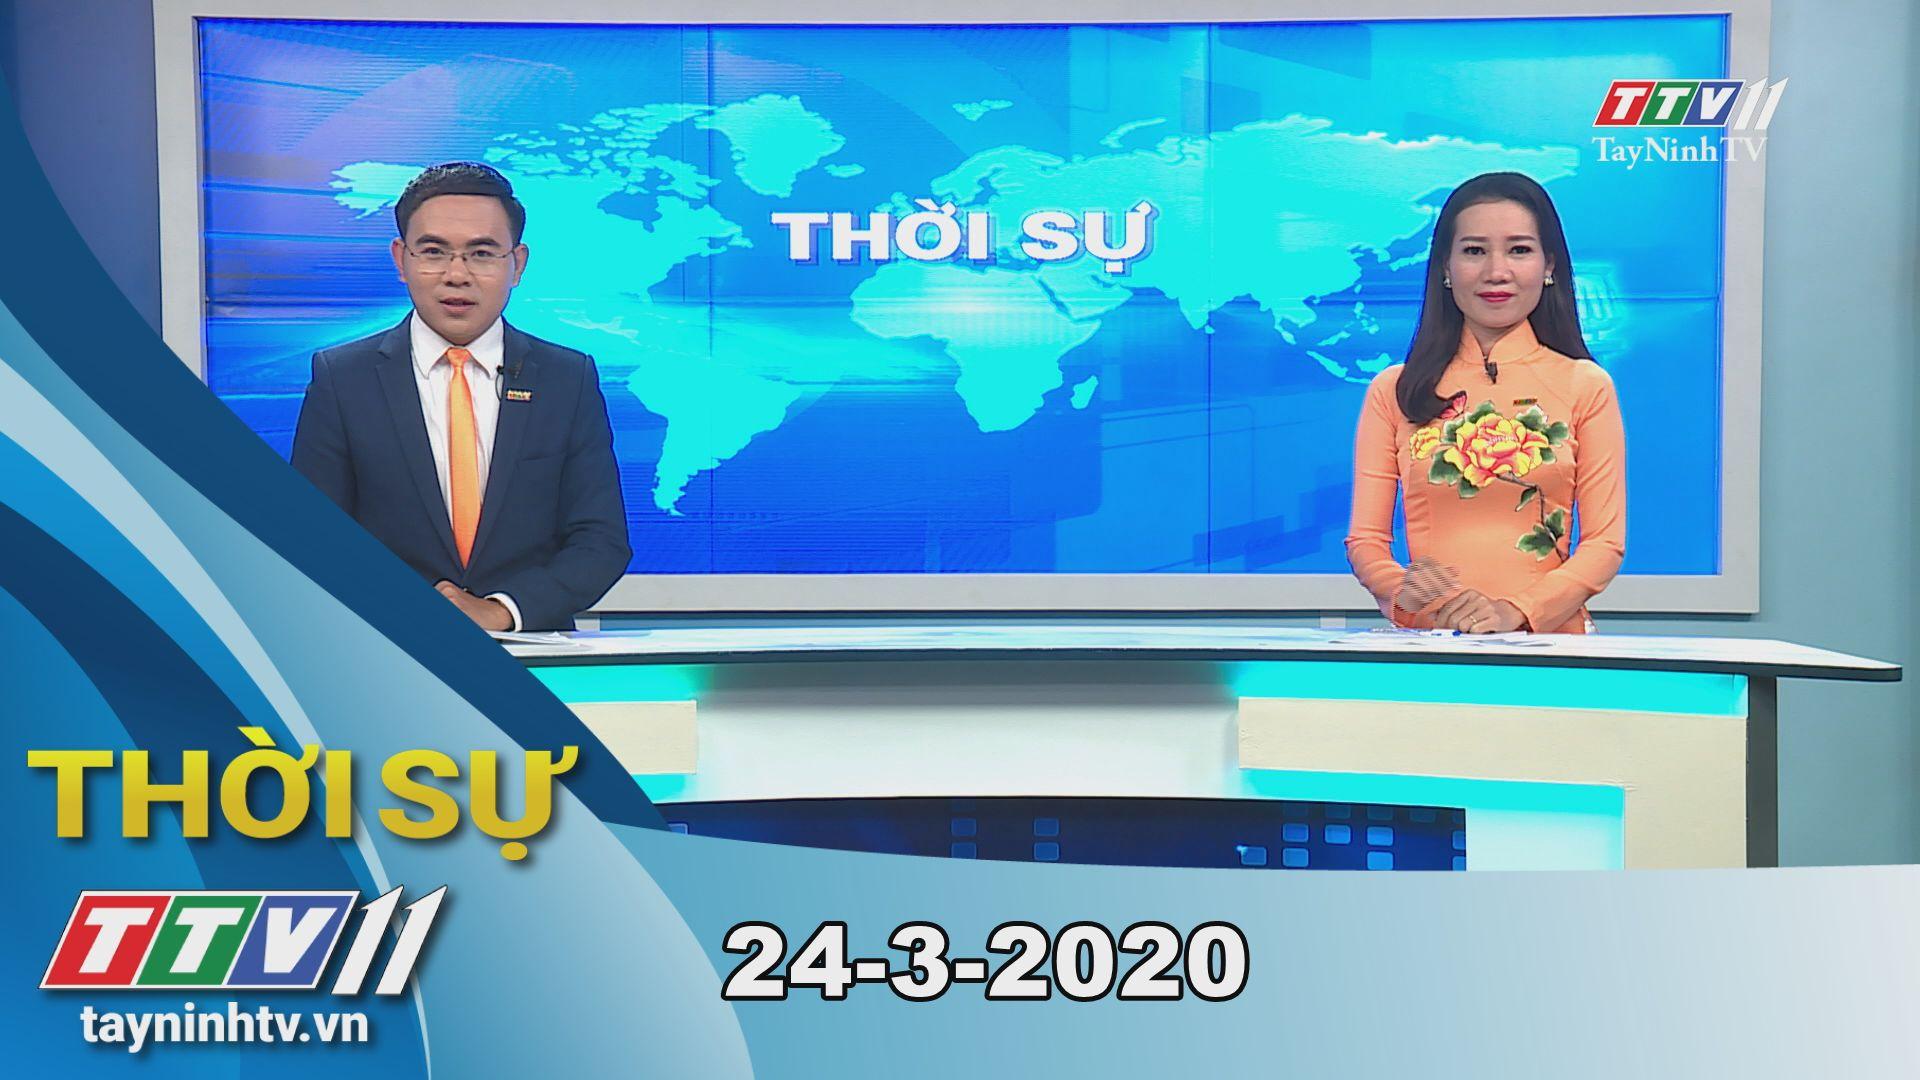 Thời sự Tây Ninh 24-3-2020 | Tin tức hôm nay | TayNinhTV